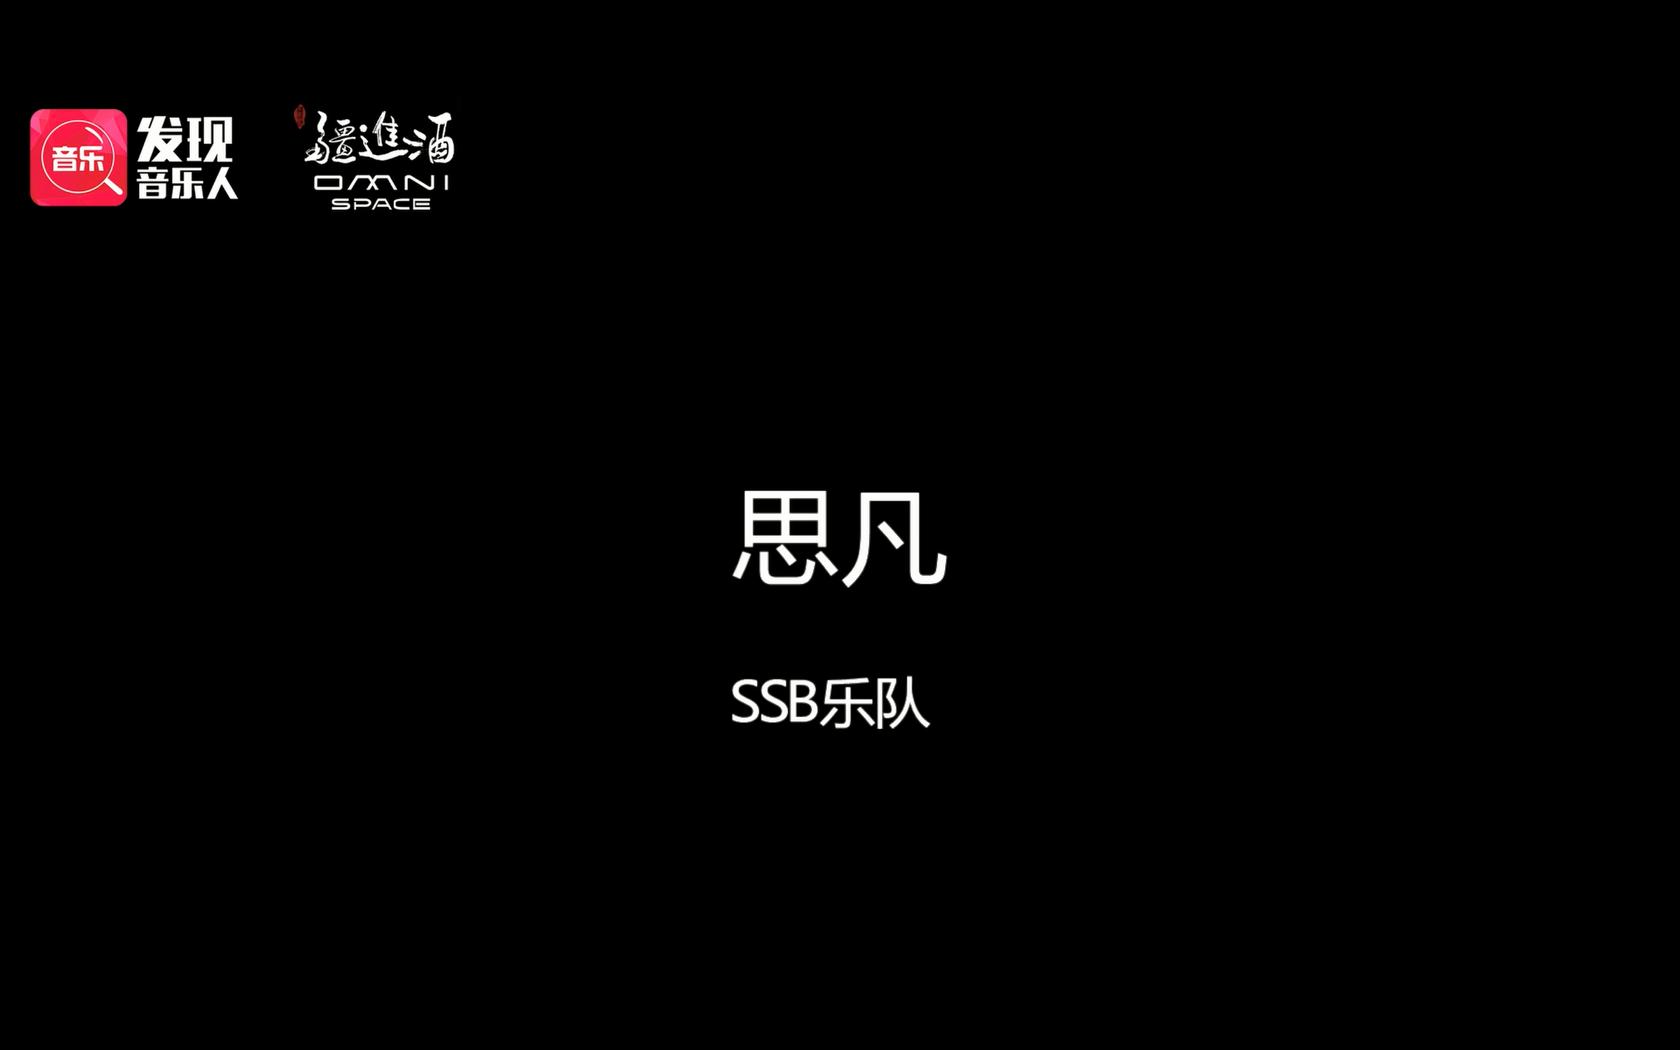 思凡-SSB乐队